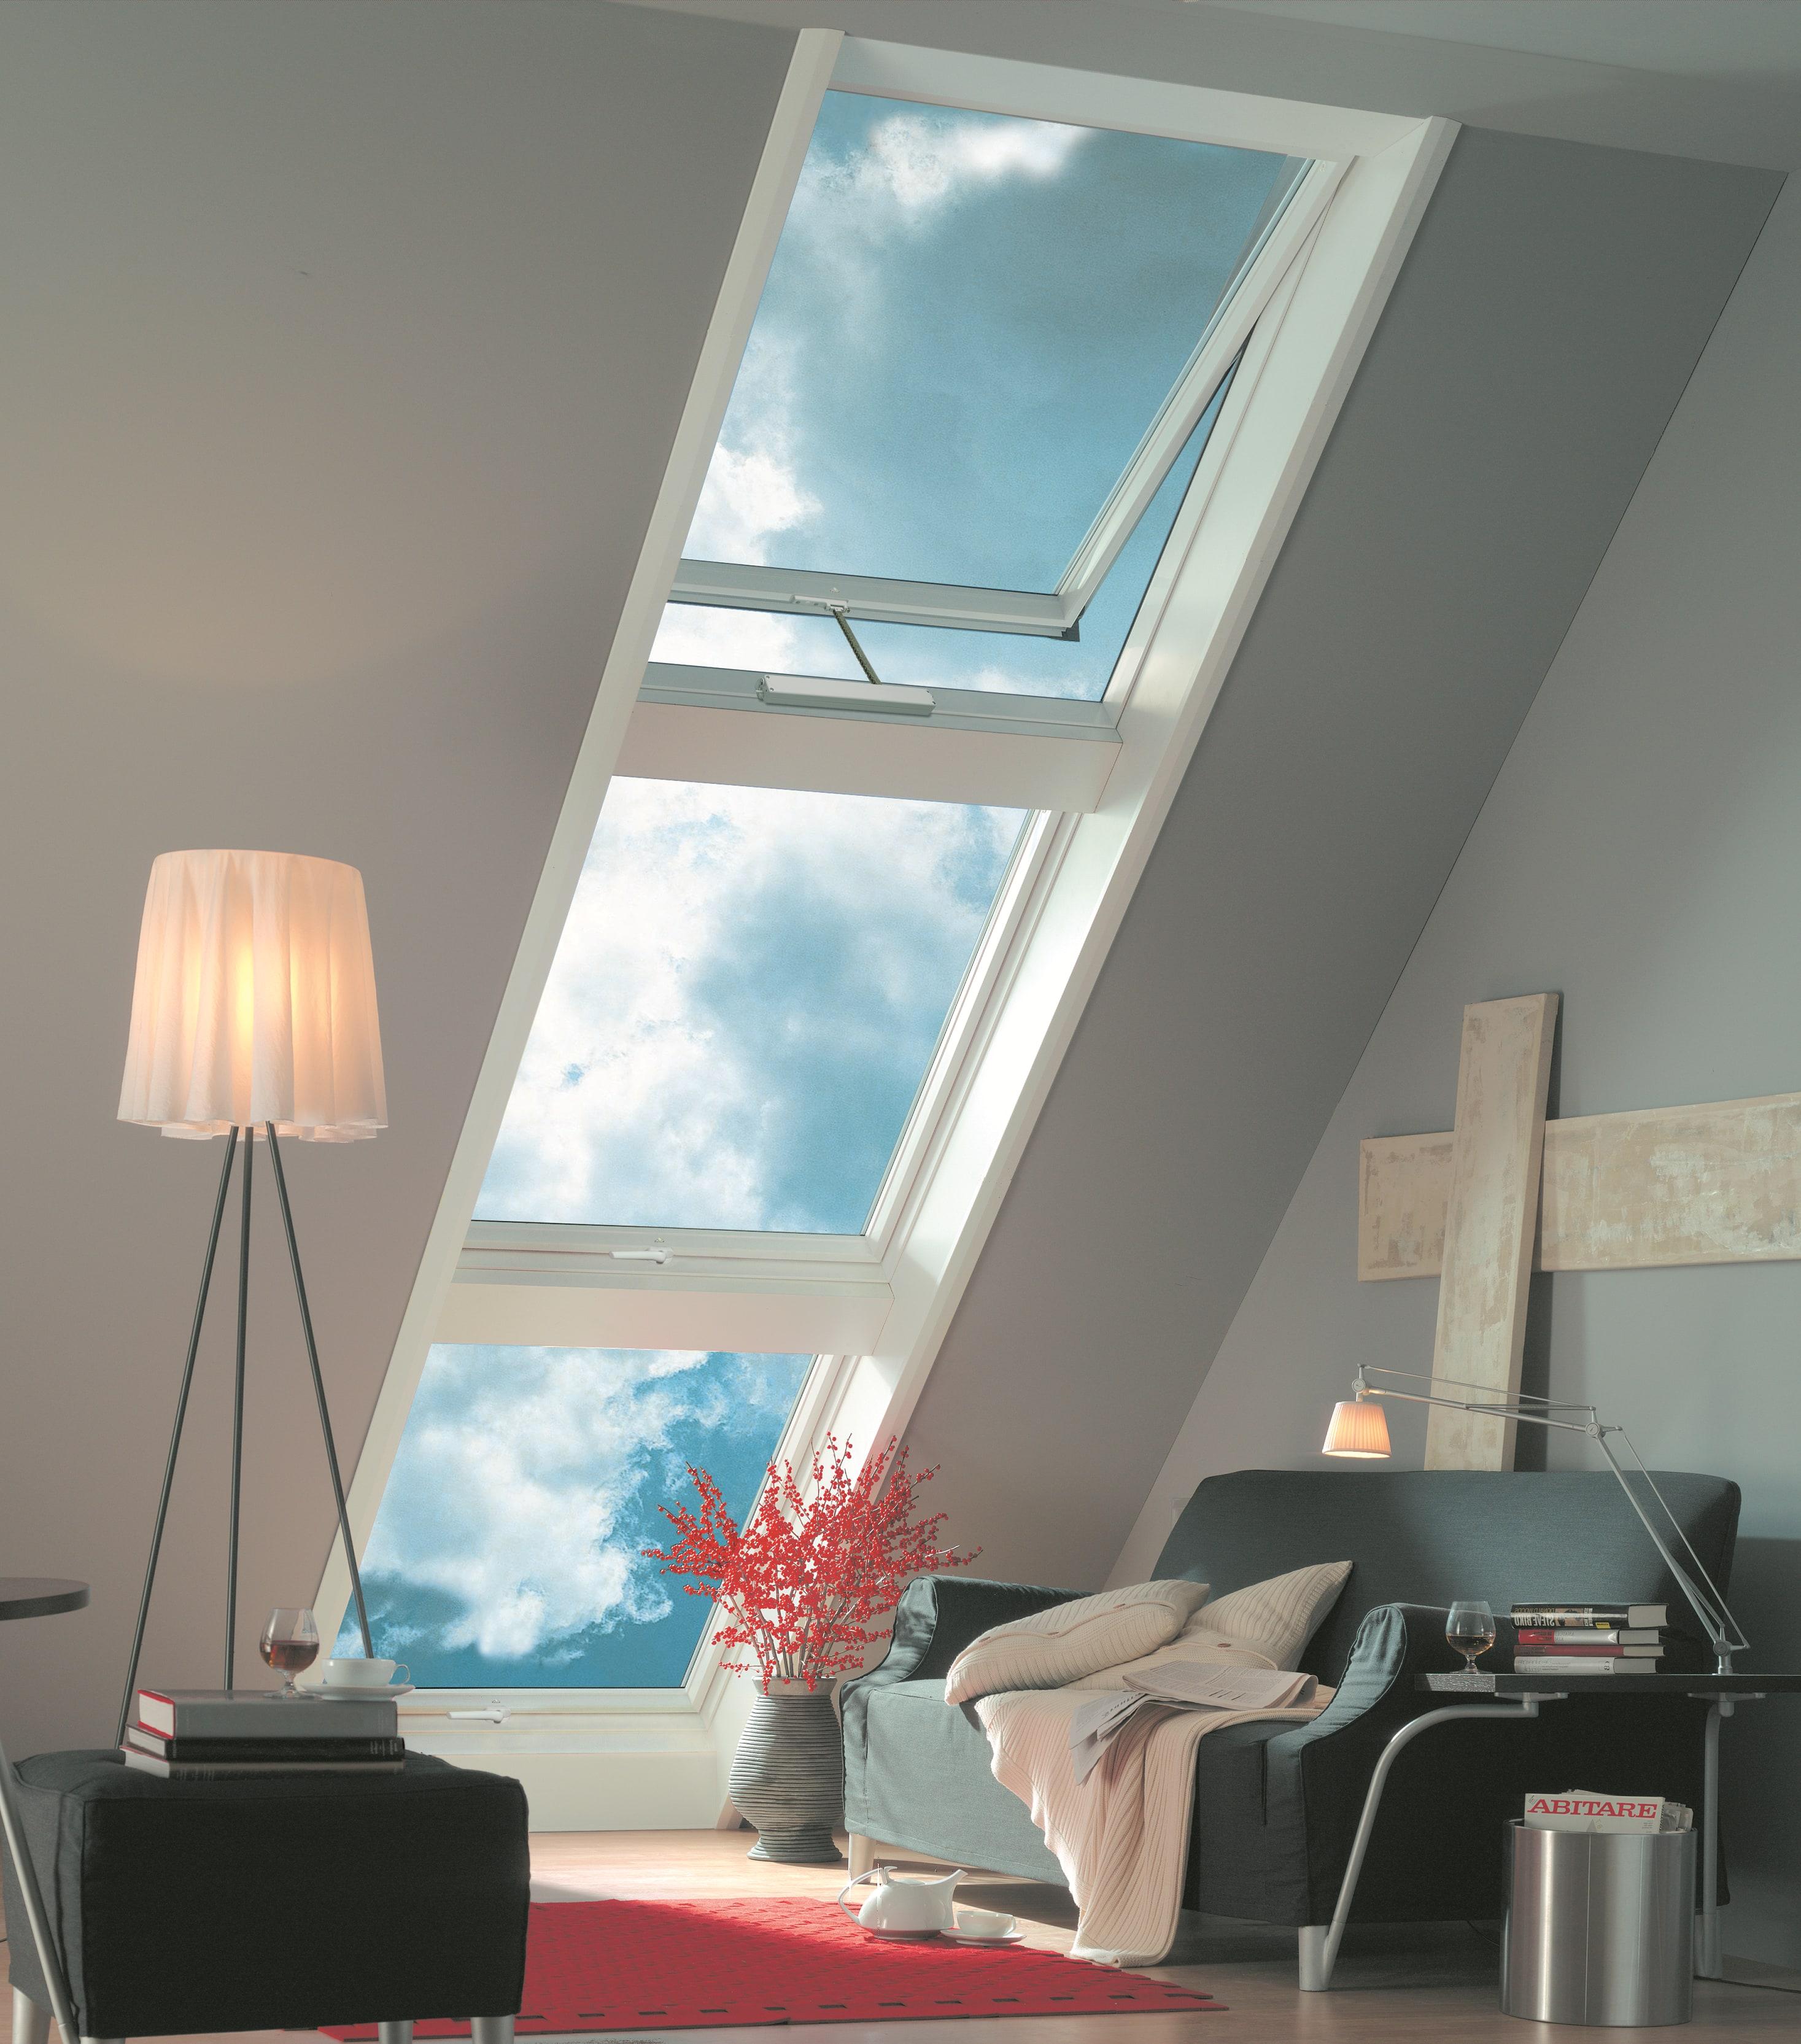 roto designo r75 k wd hoch schwingfenster aus kunststoff mit w rmed mmung roto designo r75 k wd. Black Bedroom Furniture Sets. Home Design Ideas